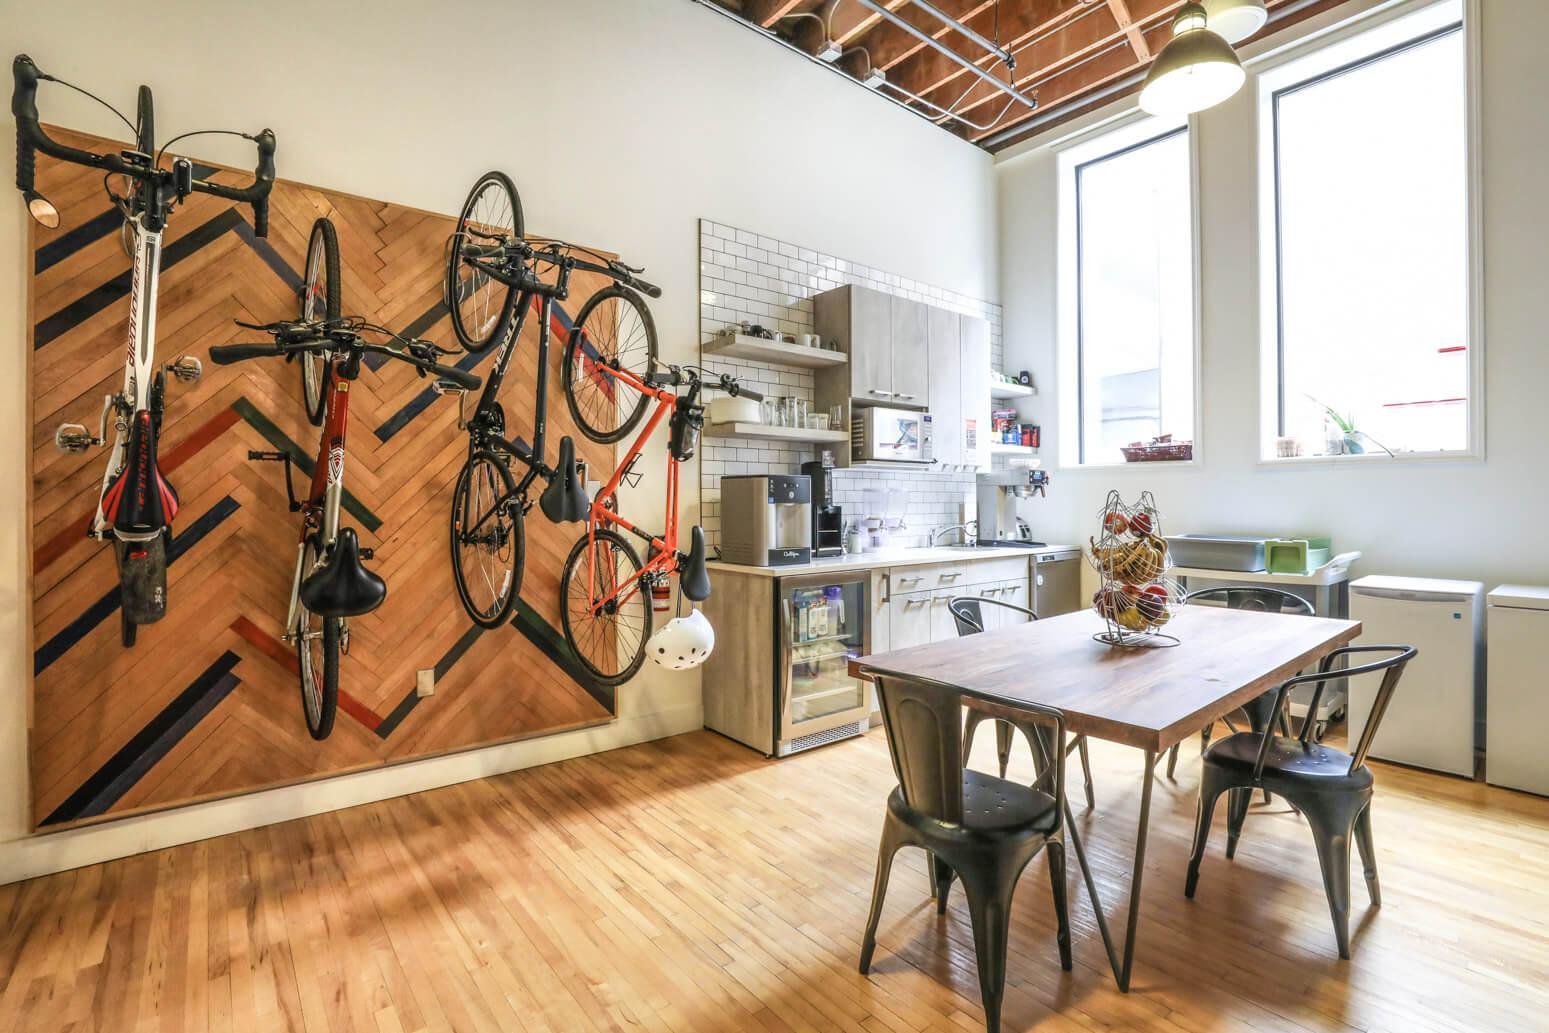 Vidyard Office Killer Spaces-5